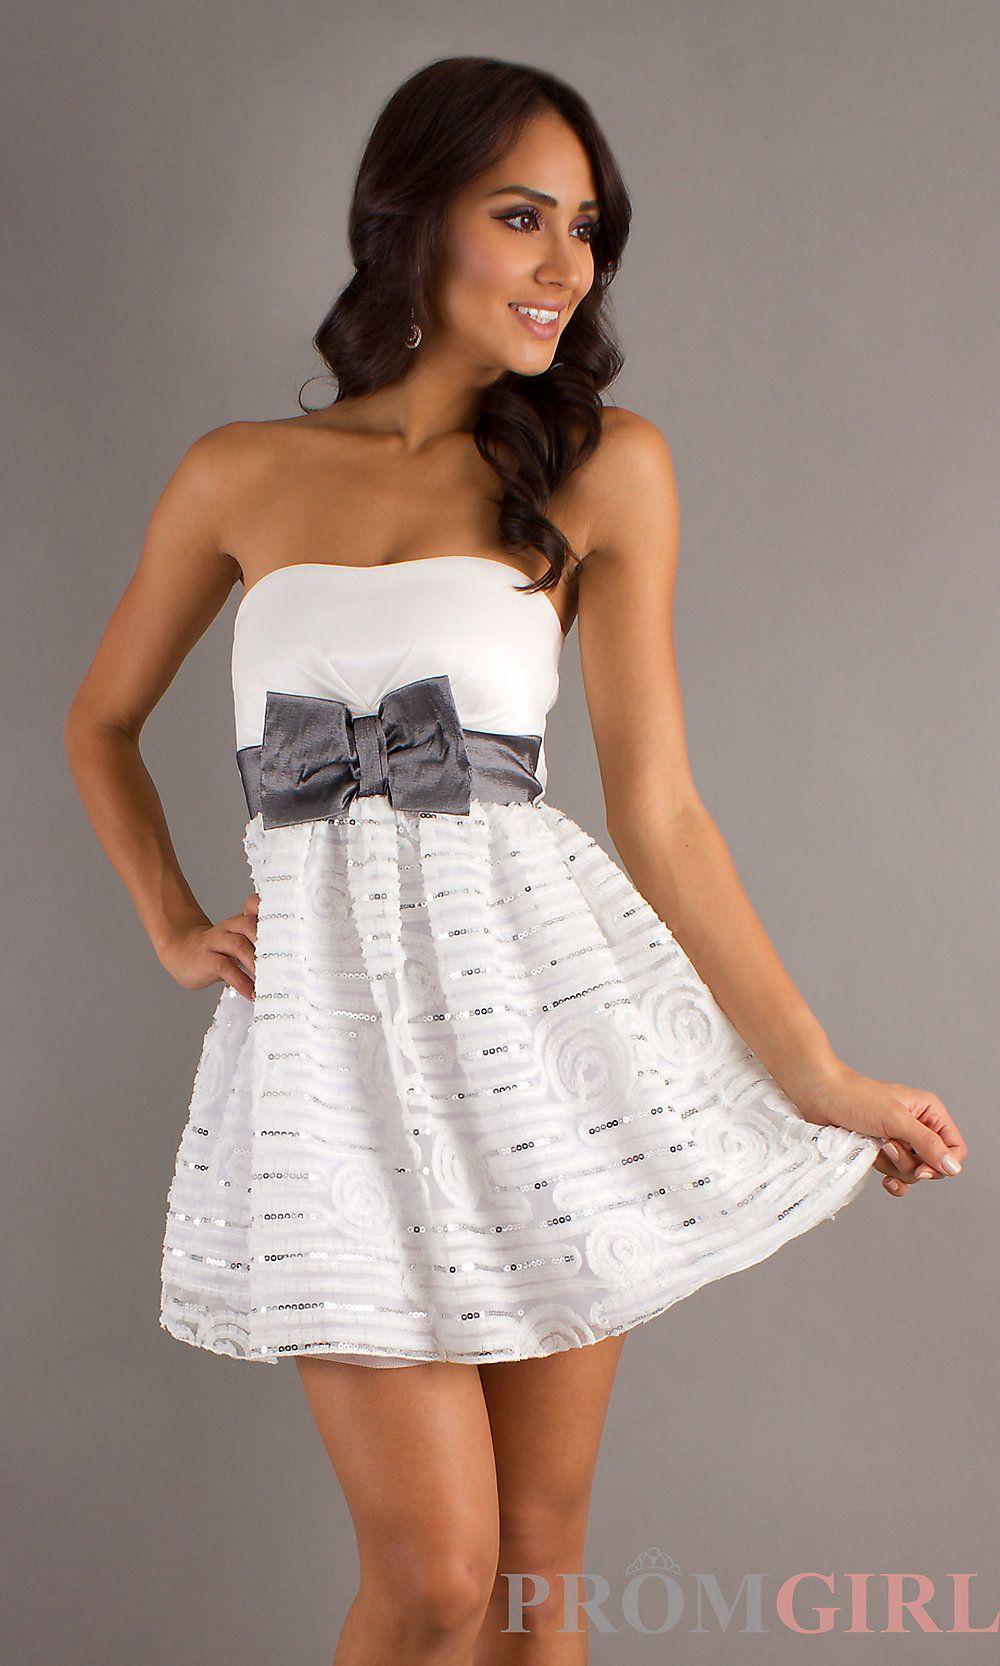 Ivorydressxostsag dresses